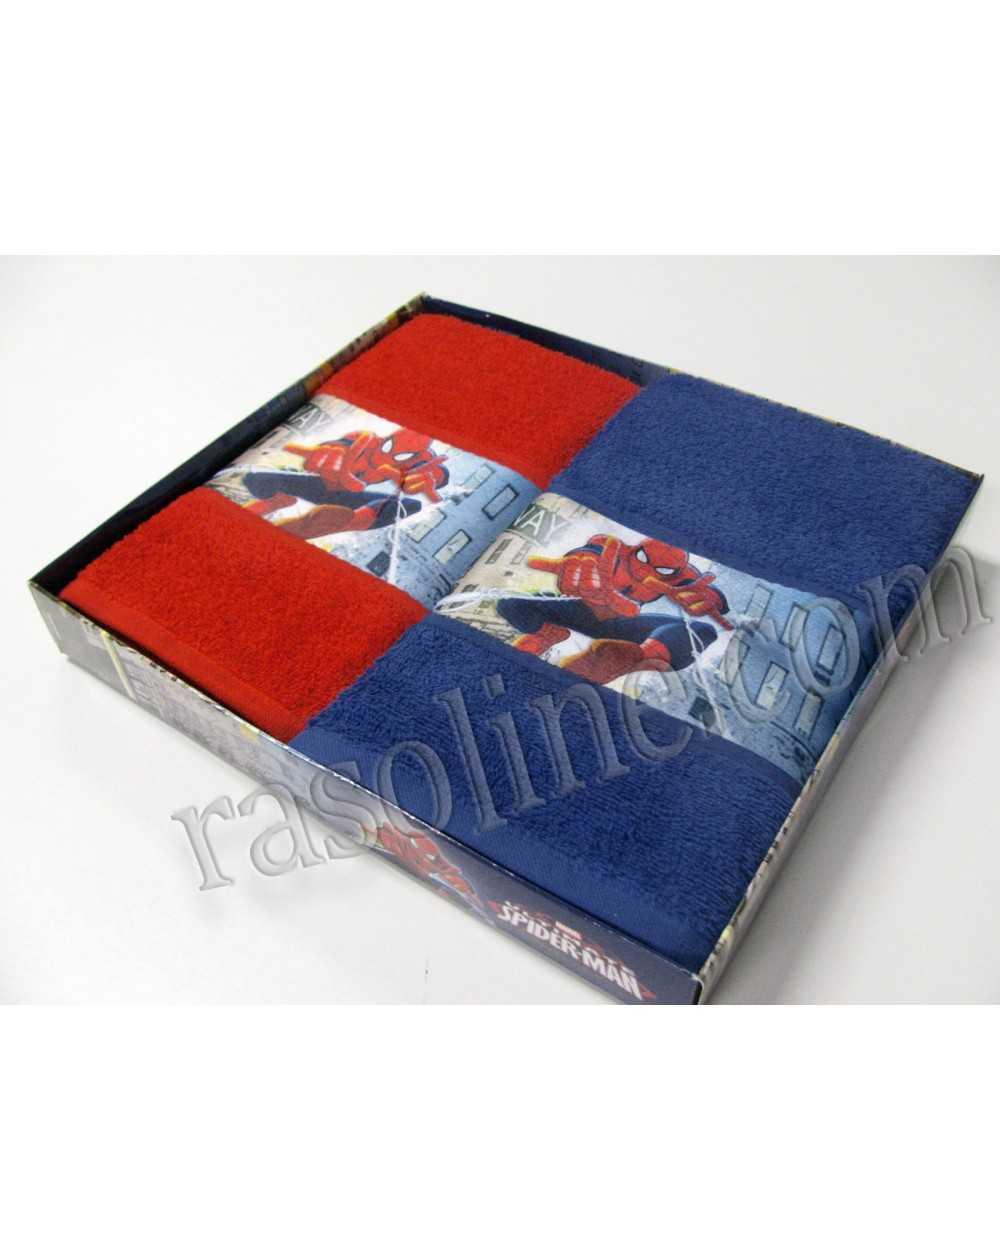 Coppia asciugamani spiderman caleffi confezione scatola for Asciugamani caleffi